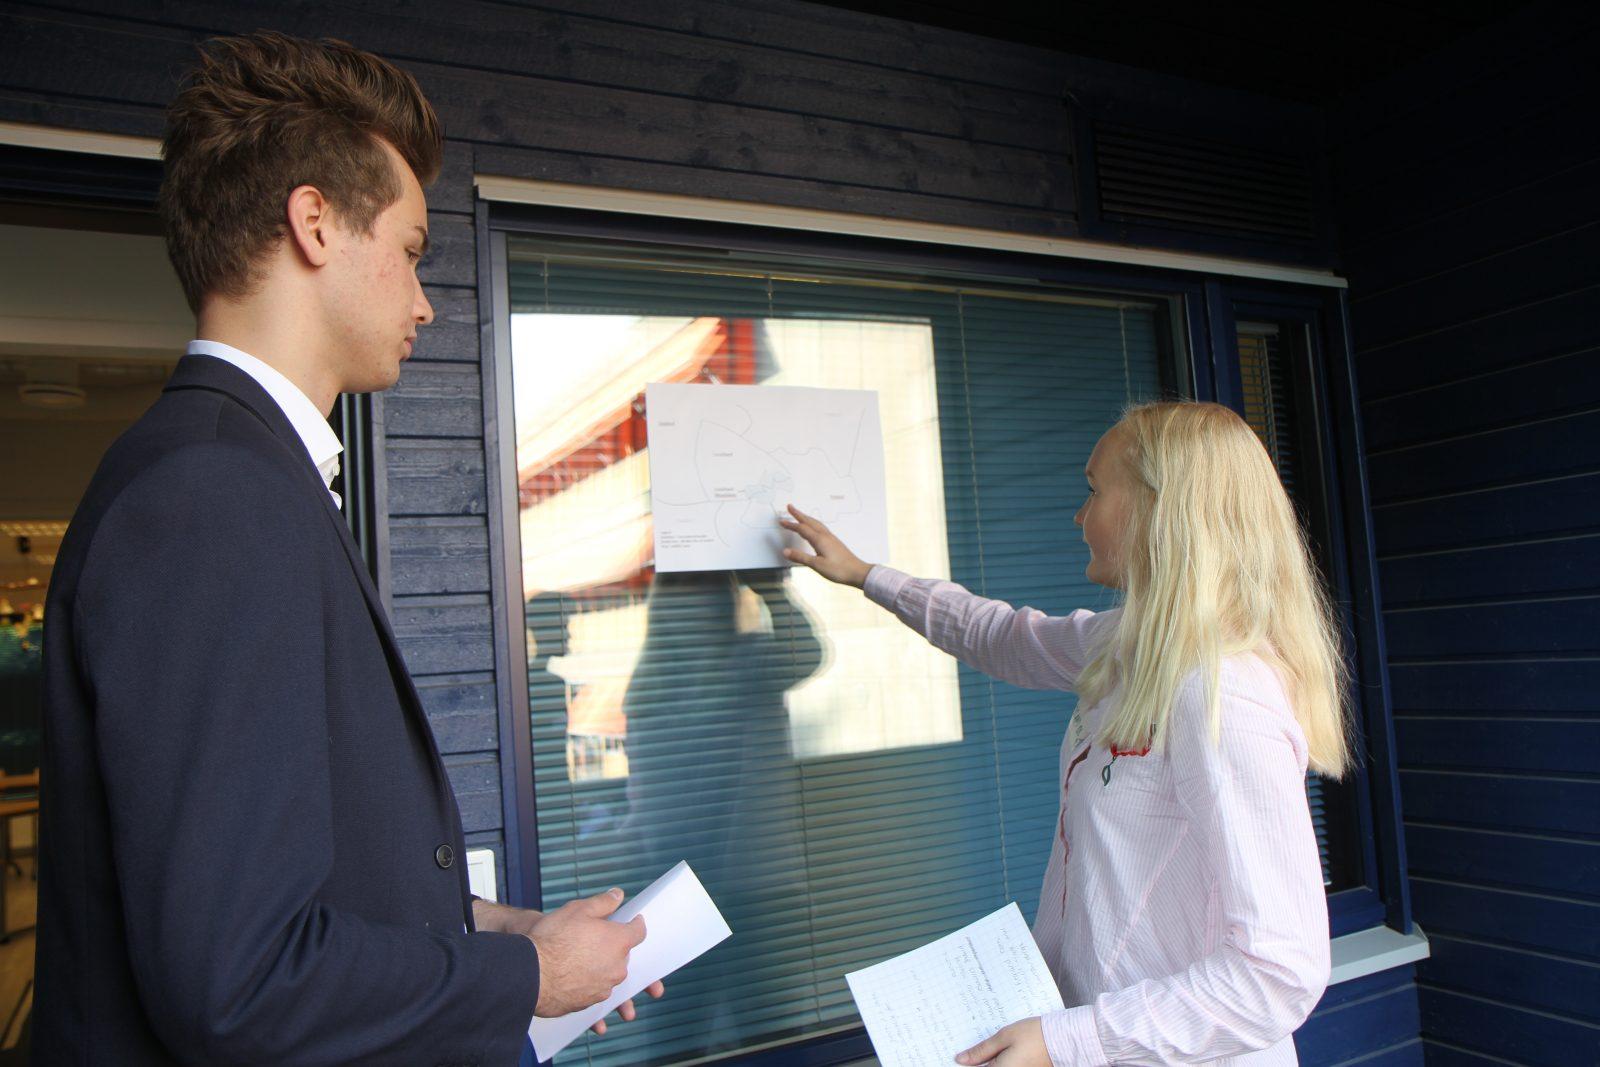 Naapurivaltojen diplomaatteja esittävät SYKin oppilaat Aku Raussi ja Janina Adolfsson tarkastelevat konfliktialueen karttaa ja pohtivat neuvottelutaktiikkaansa.